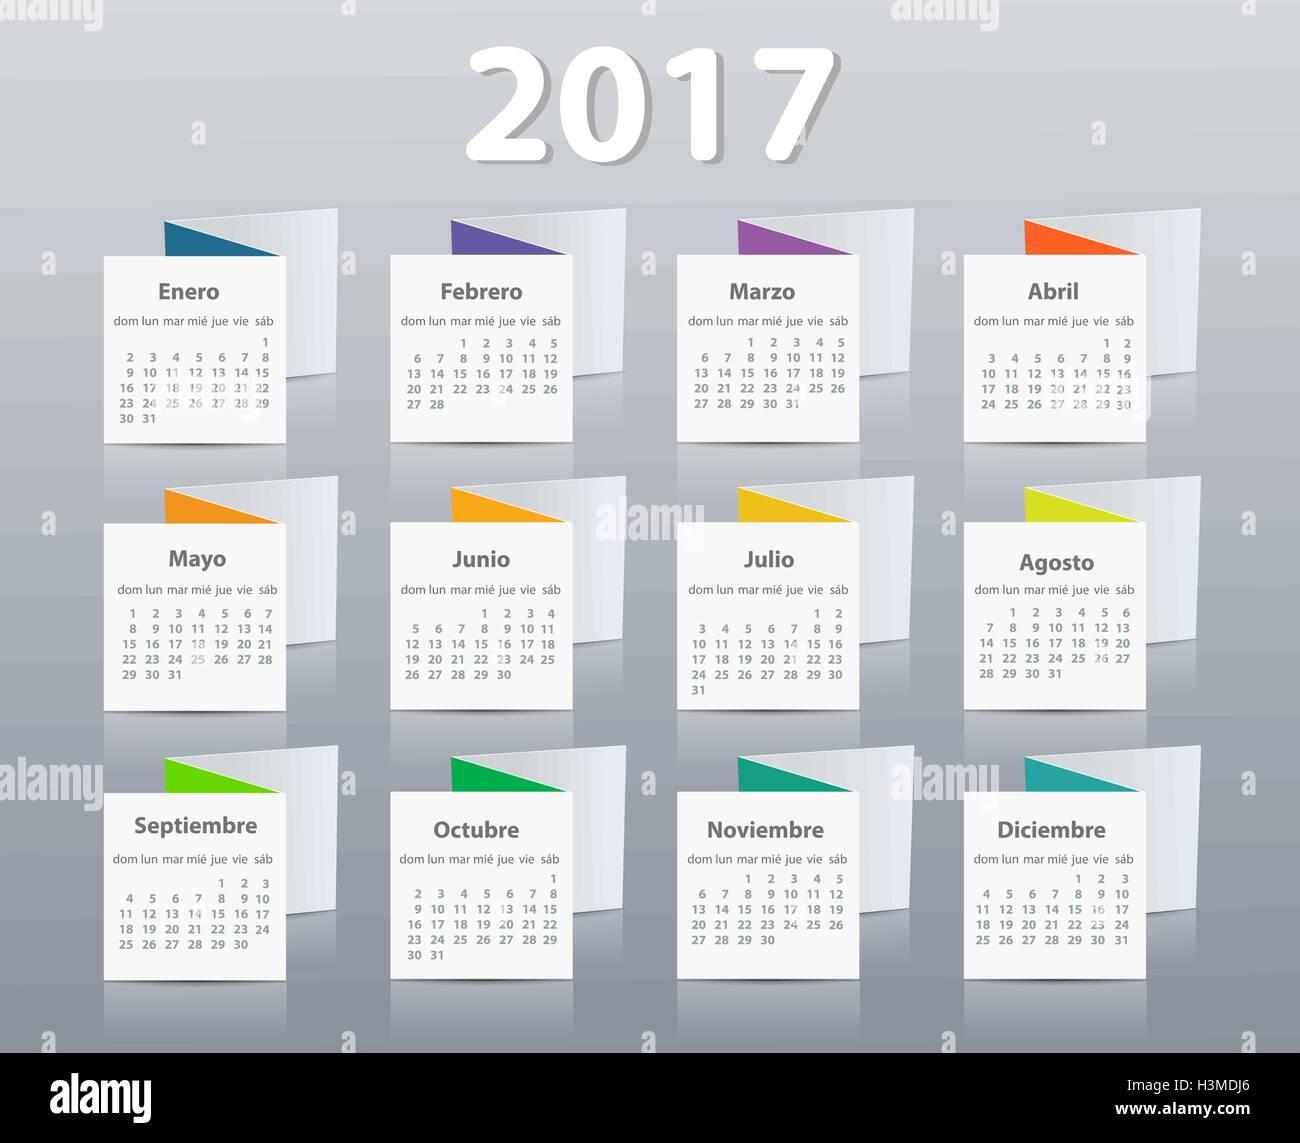 Calendario Anno 2017.Calendario Anno 2017 Vettore Modello Di Progettazione In